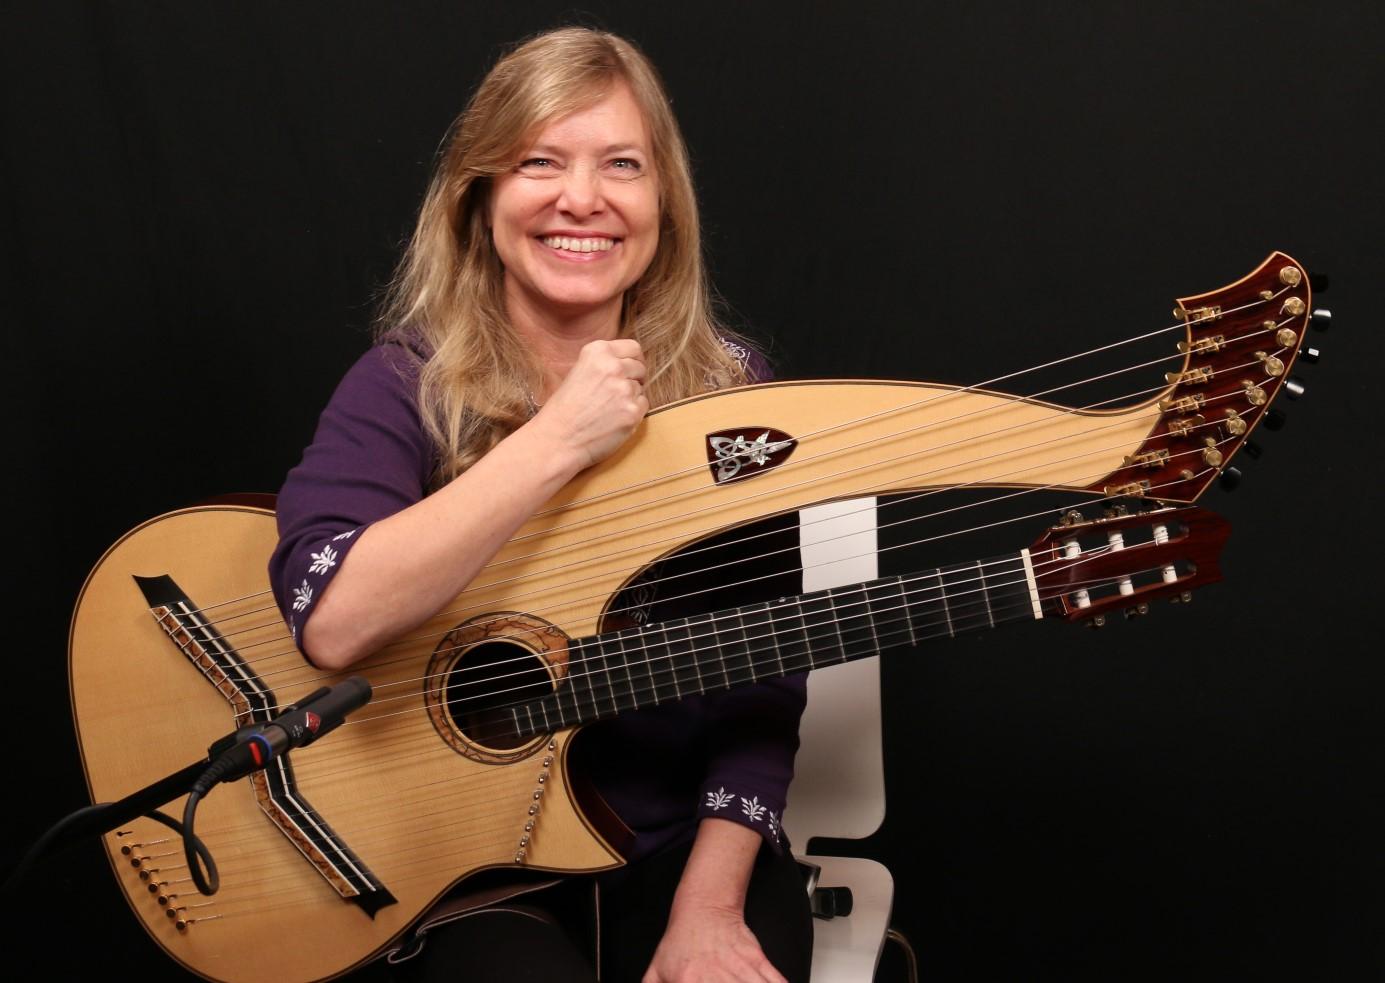 Muriel ANDERSON in concerto al SIX BARS JAIL di Firenze 27.5.16